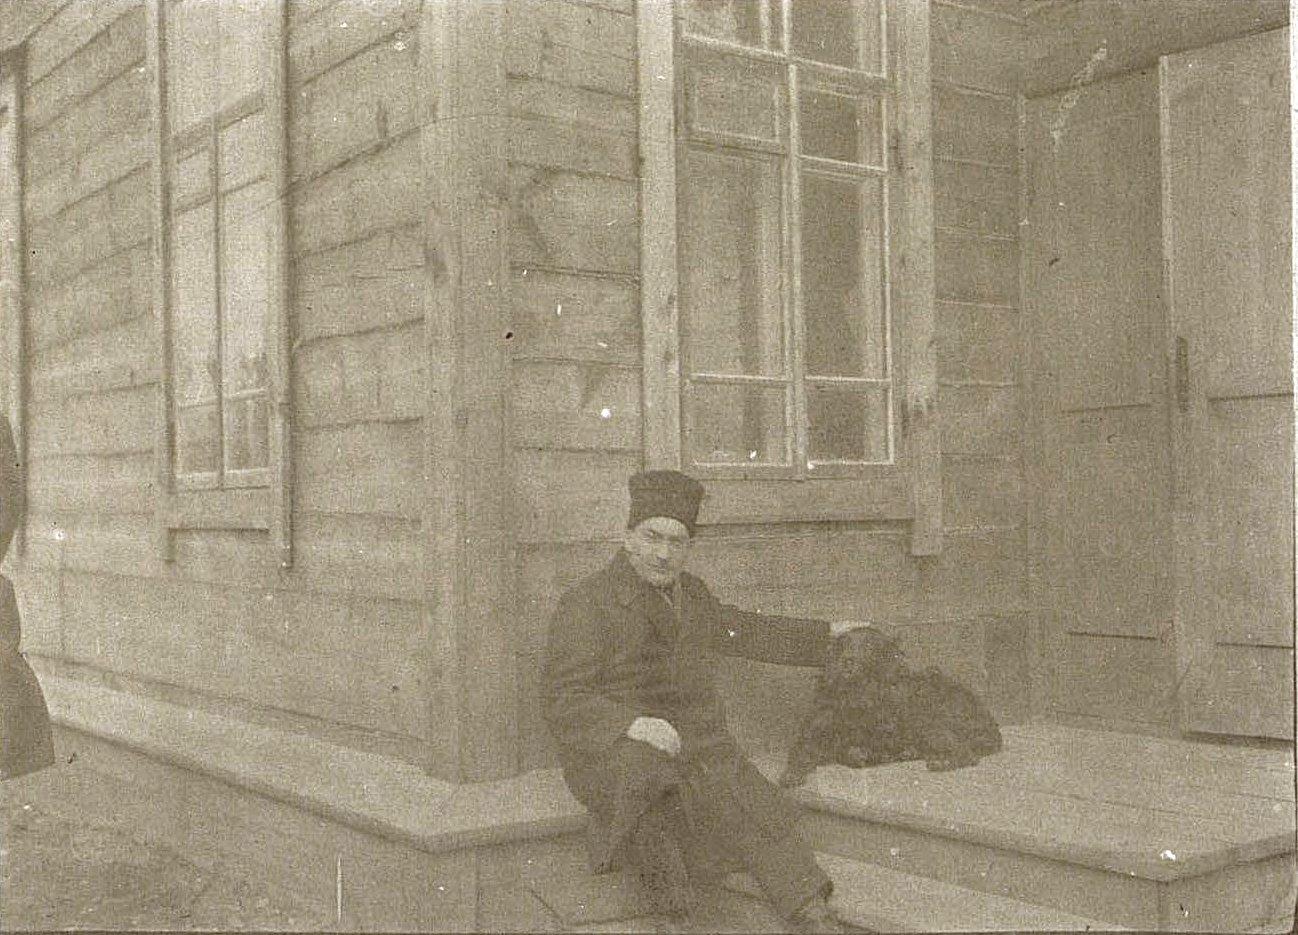 1 мая во Владивостоке. Берзин А. П. 1931.